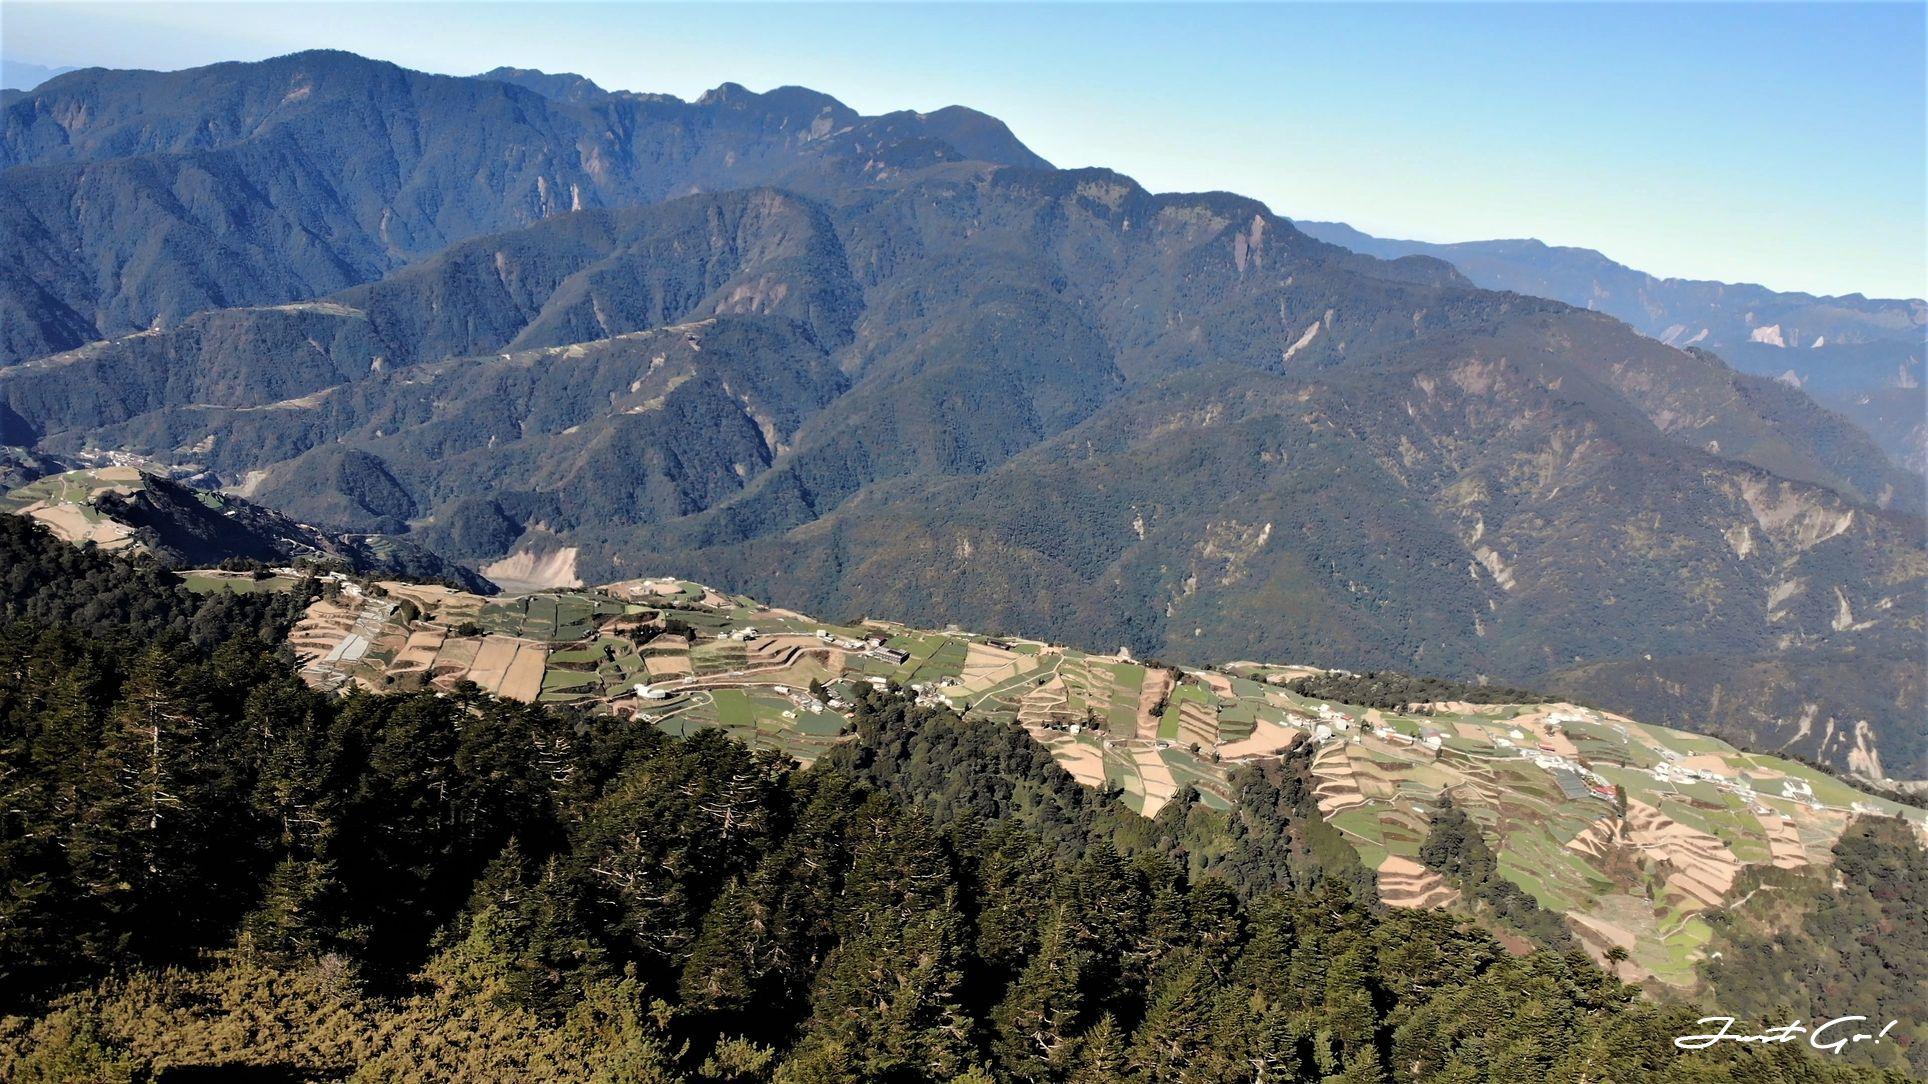 一日百岳·9小時單攻合歡西峰北峰-地圖gpx、行程規劃、申請、登山口22